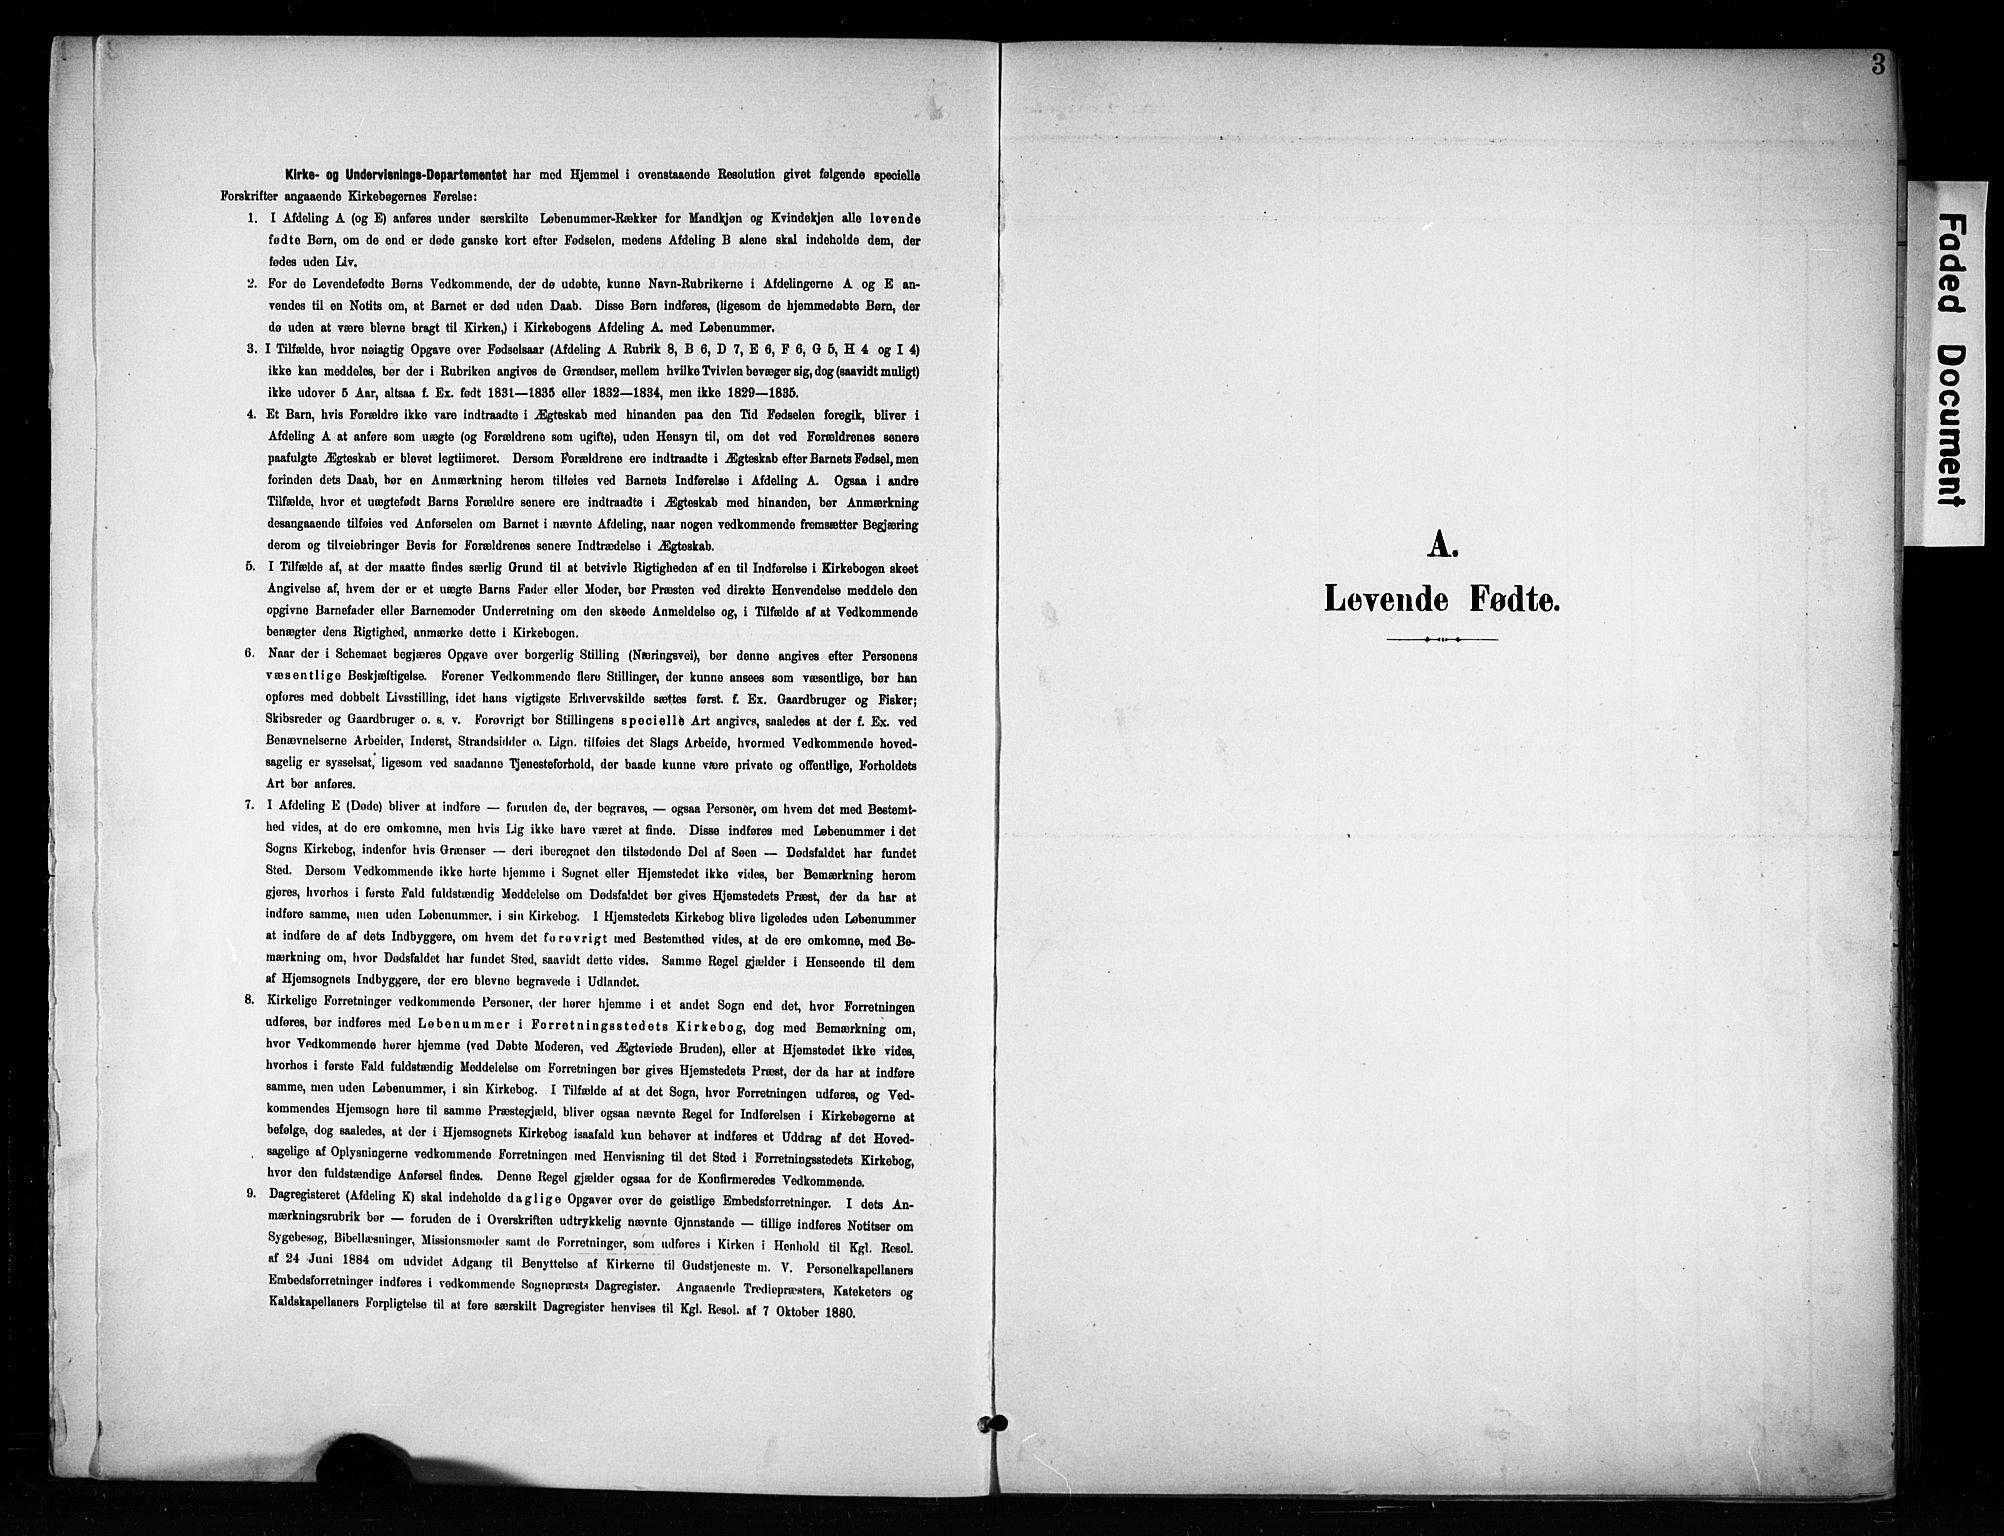 SAH, Brandbu prestekontor, Ministerialbok nr. 1, 1900-1912, s. 3